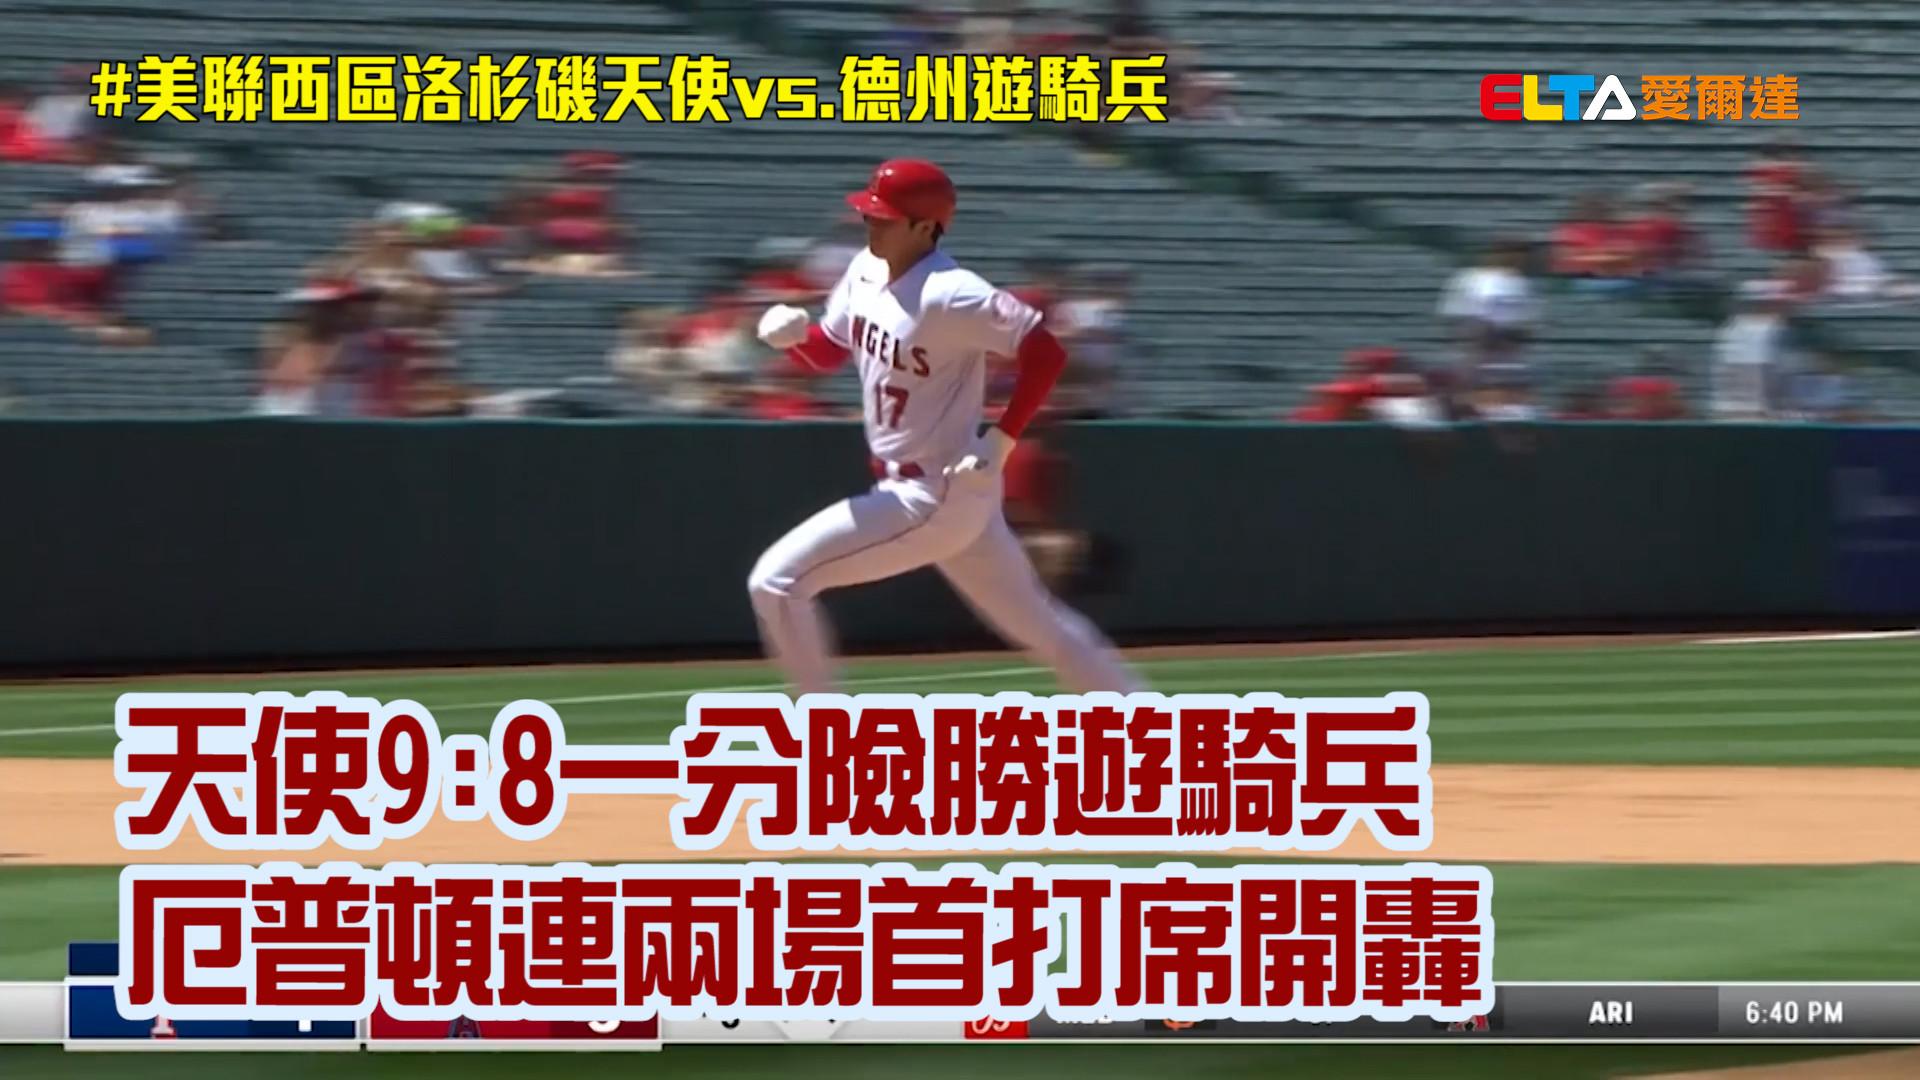 【MLB看愛爾達】天使一分險勝遊騎兵 美西爐主換人 05/27